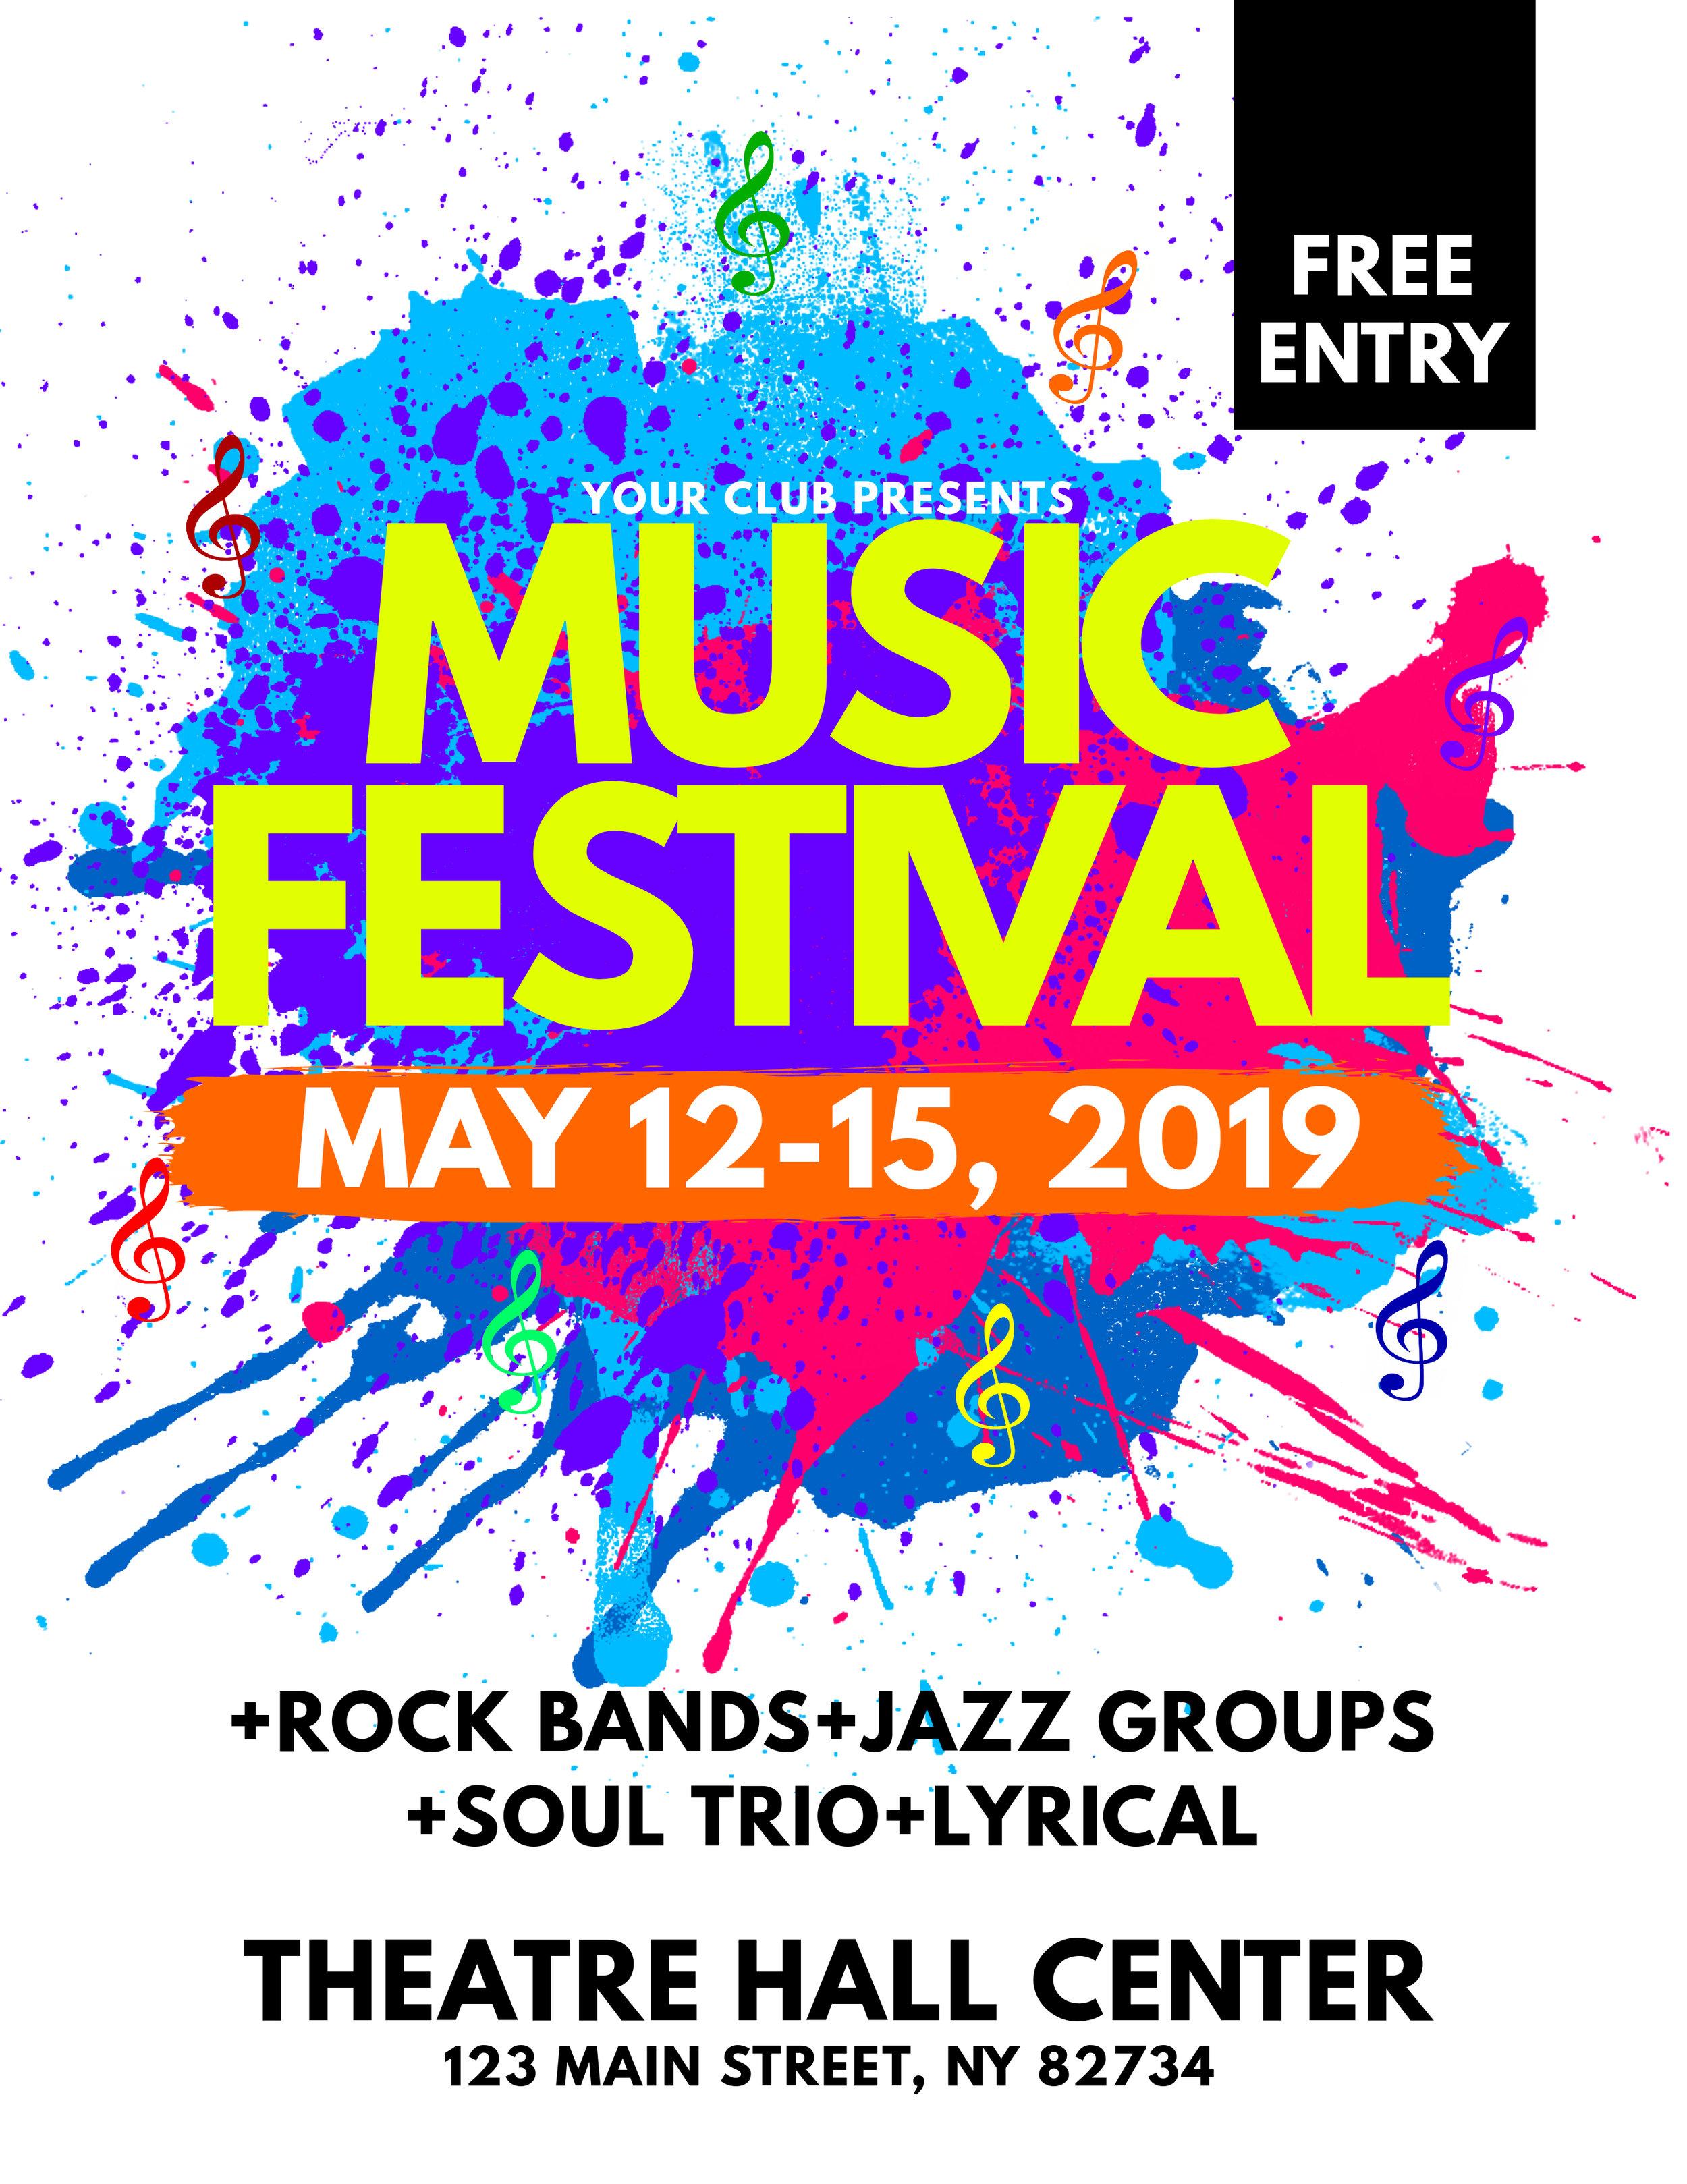 Music Festival Flyer.jpg